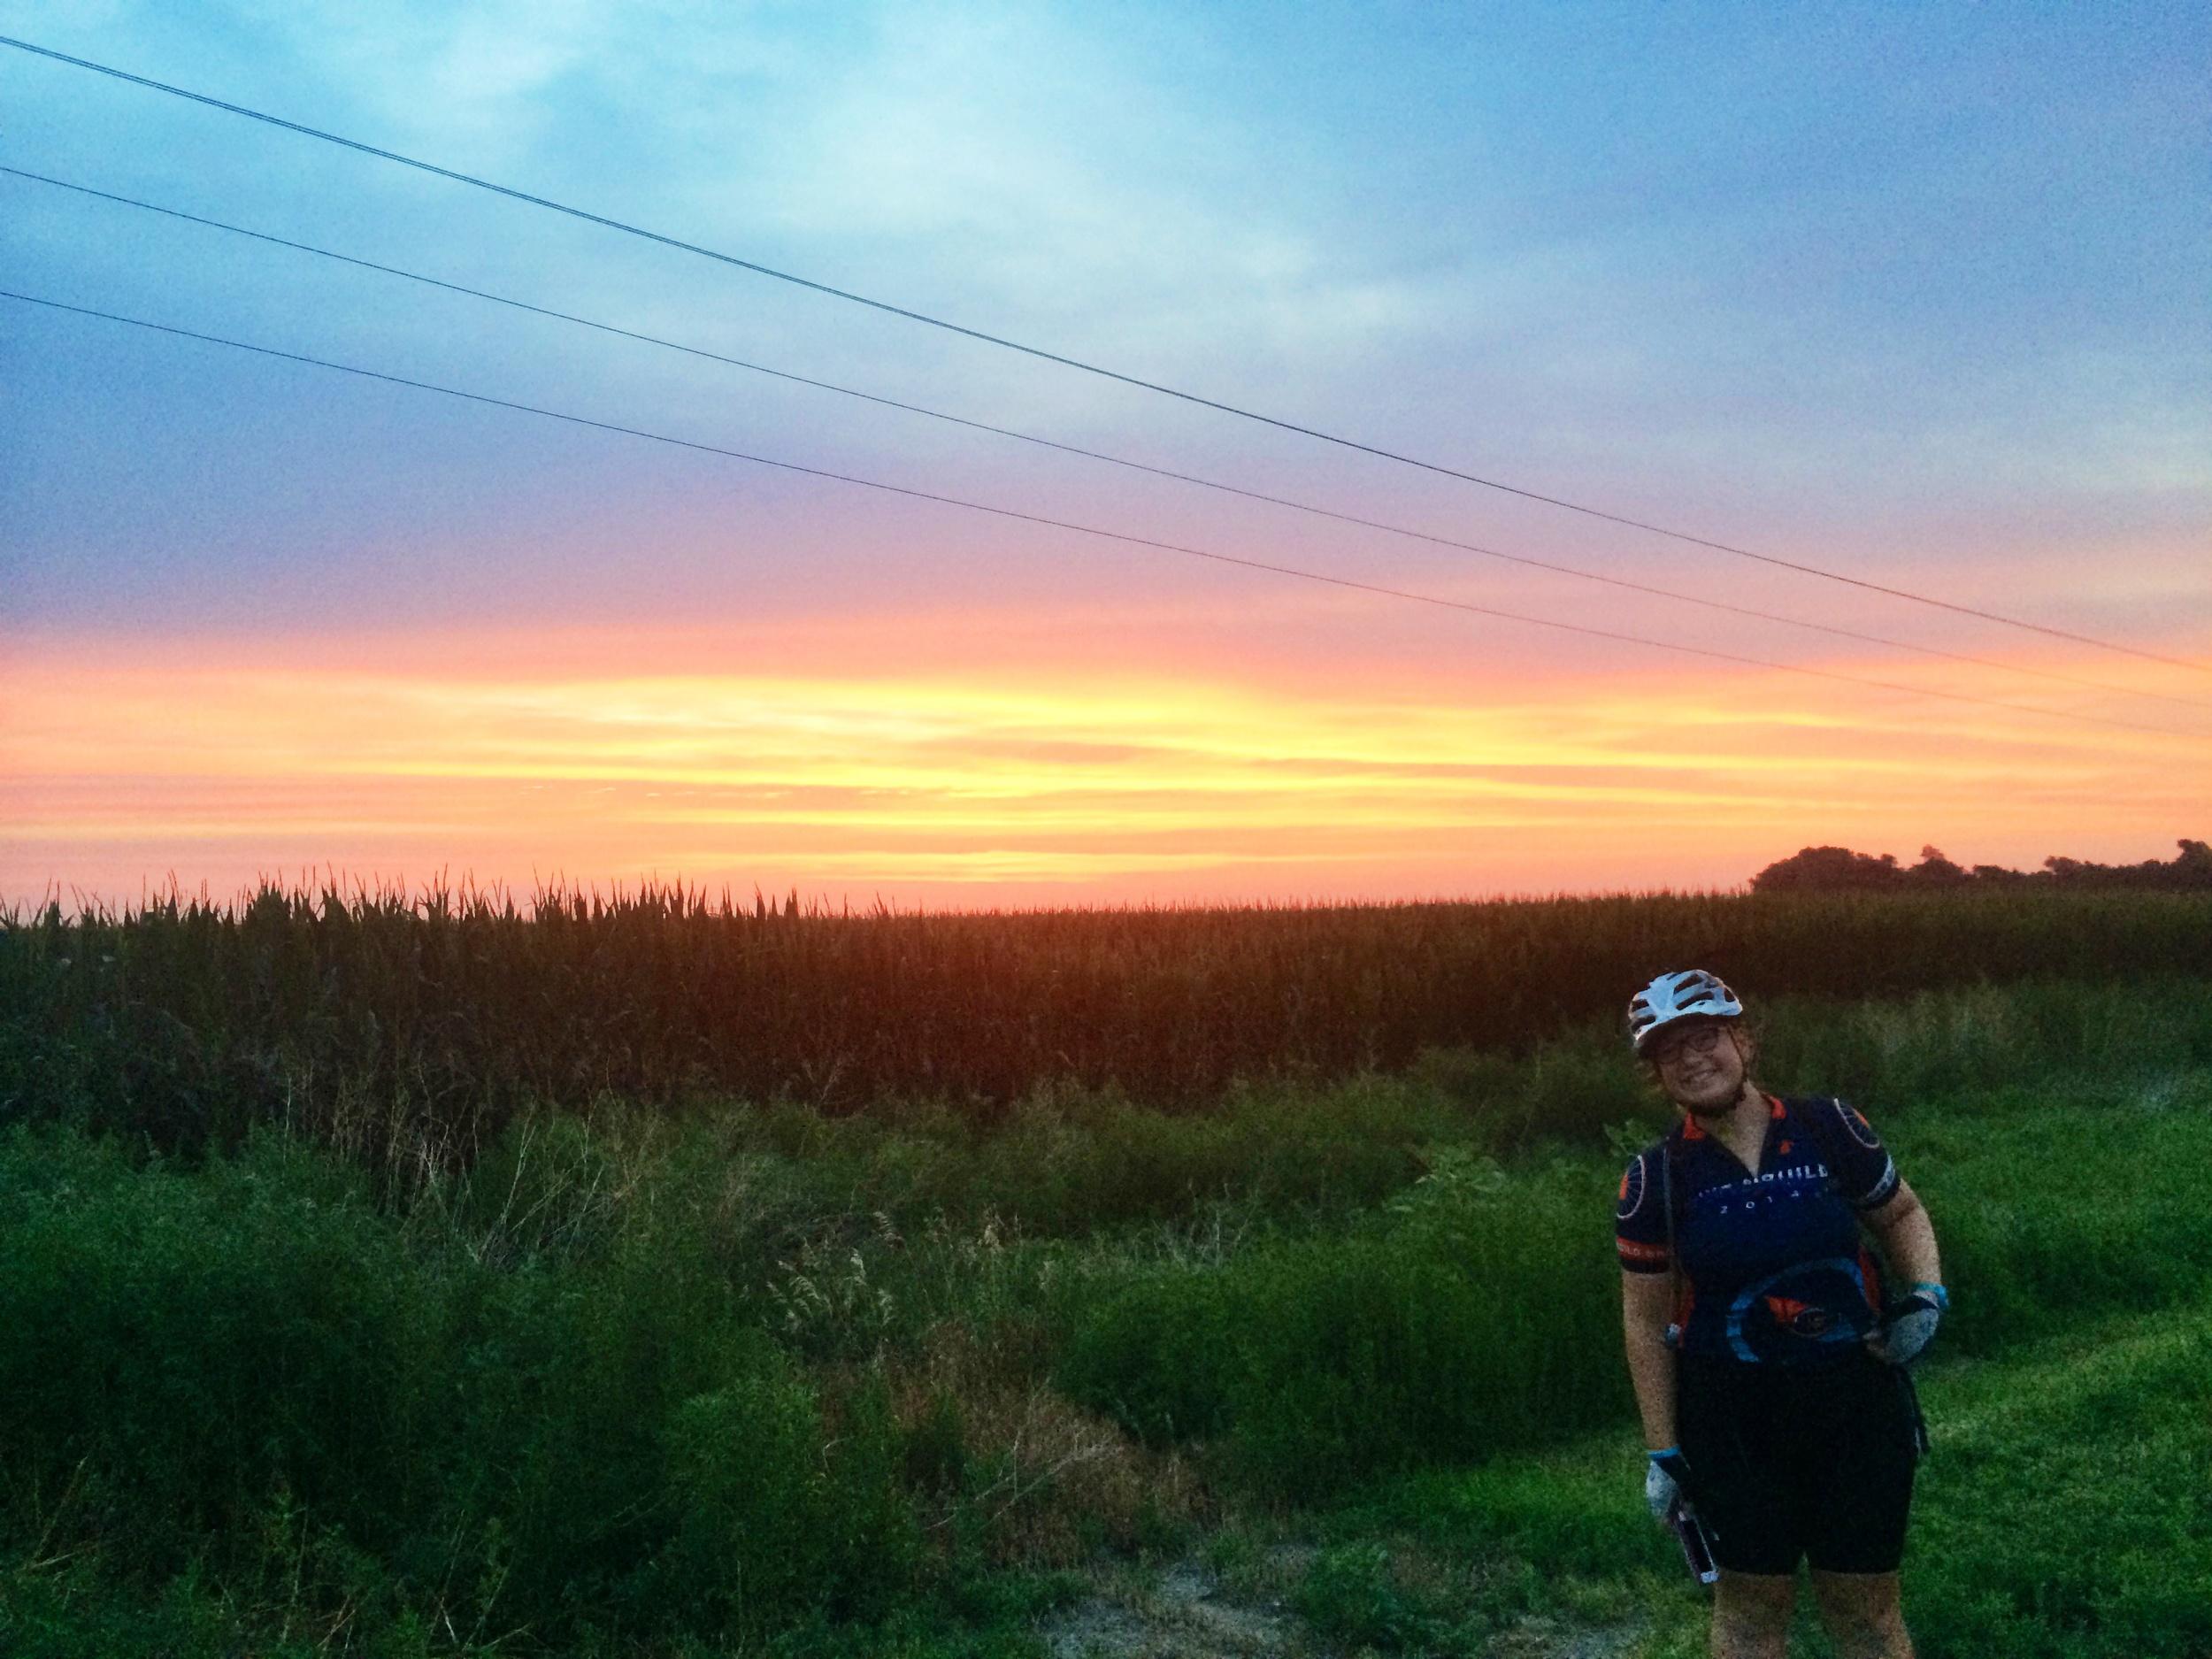 Nebraska has nice sunrises too! My favorite by far. Kaitlyn likes it too!